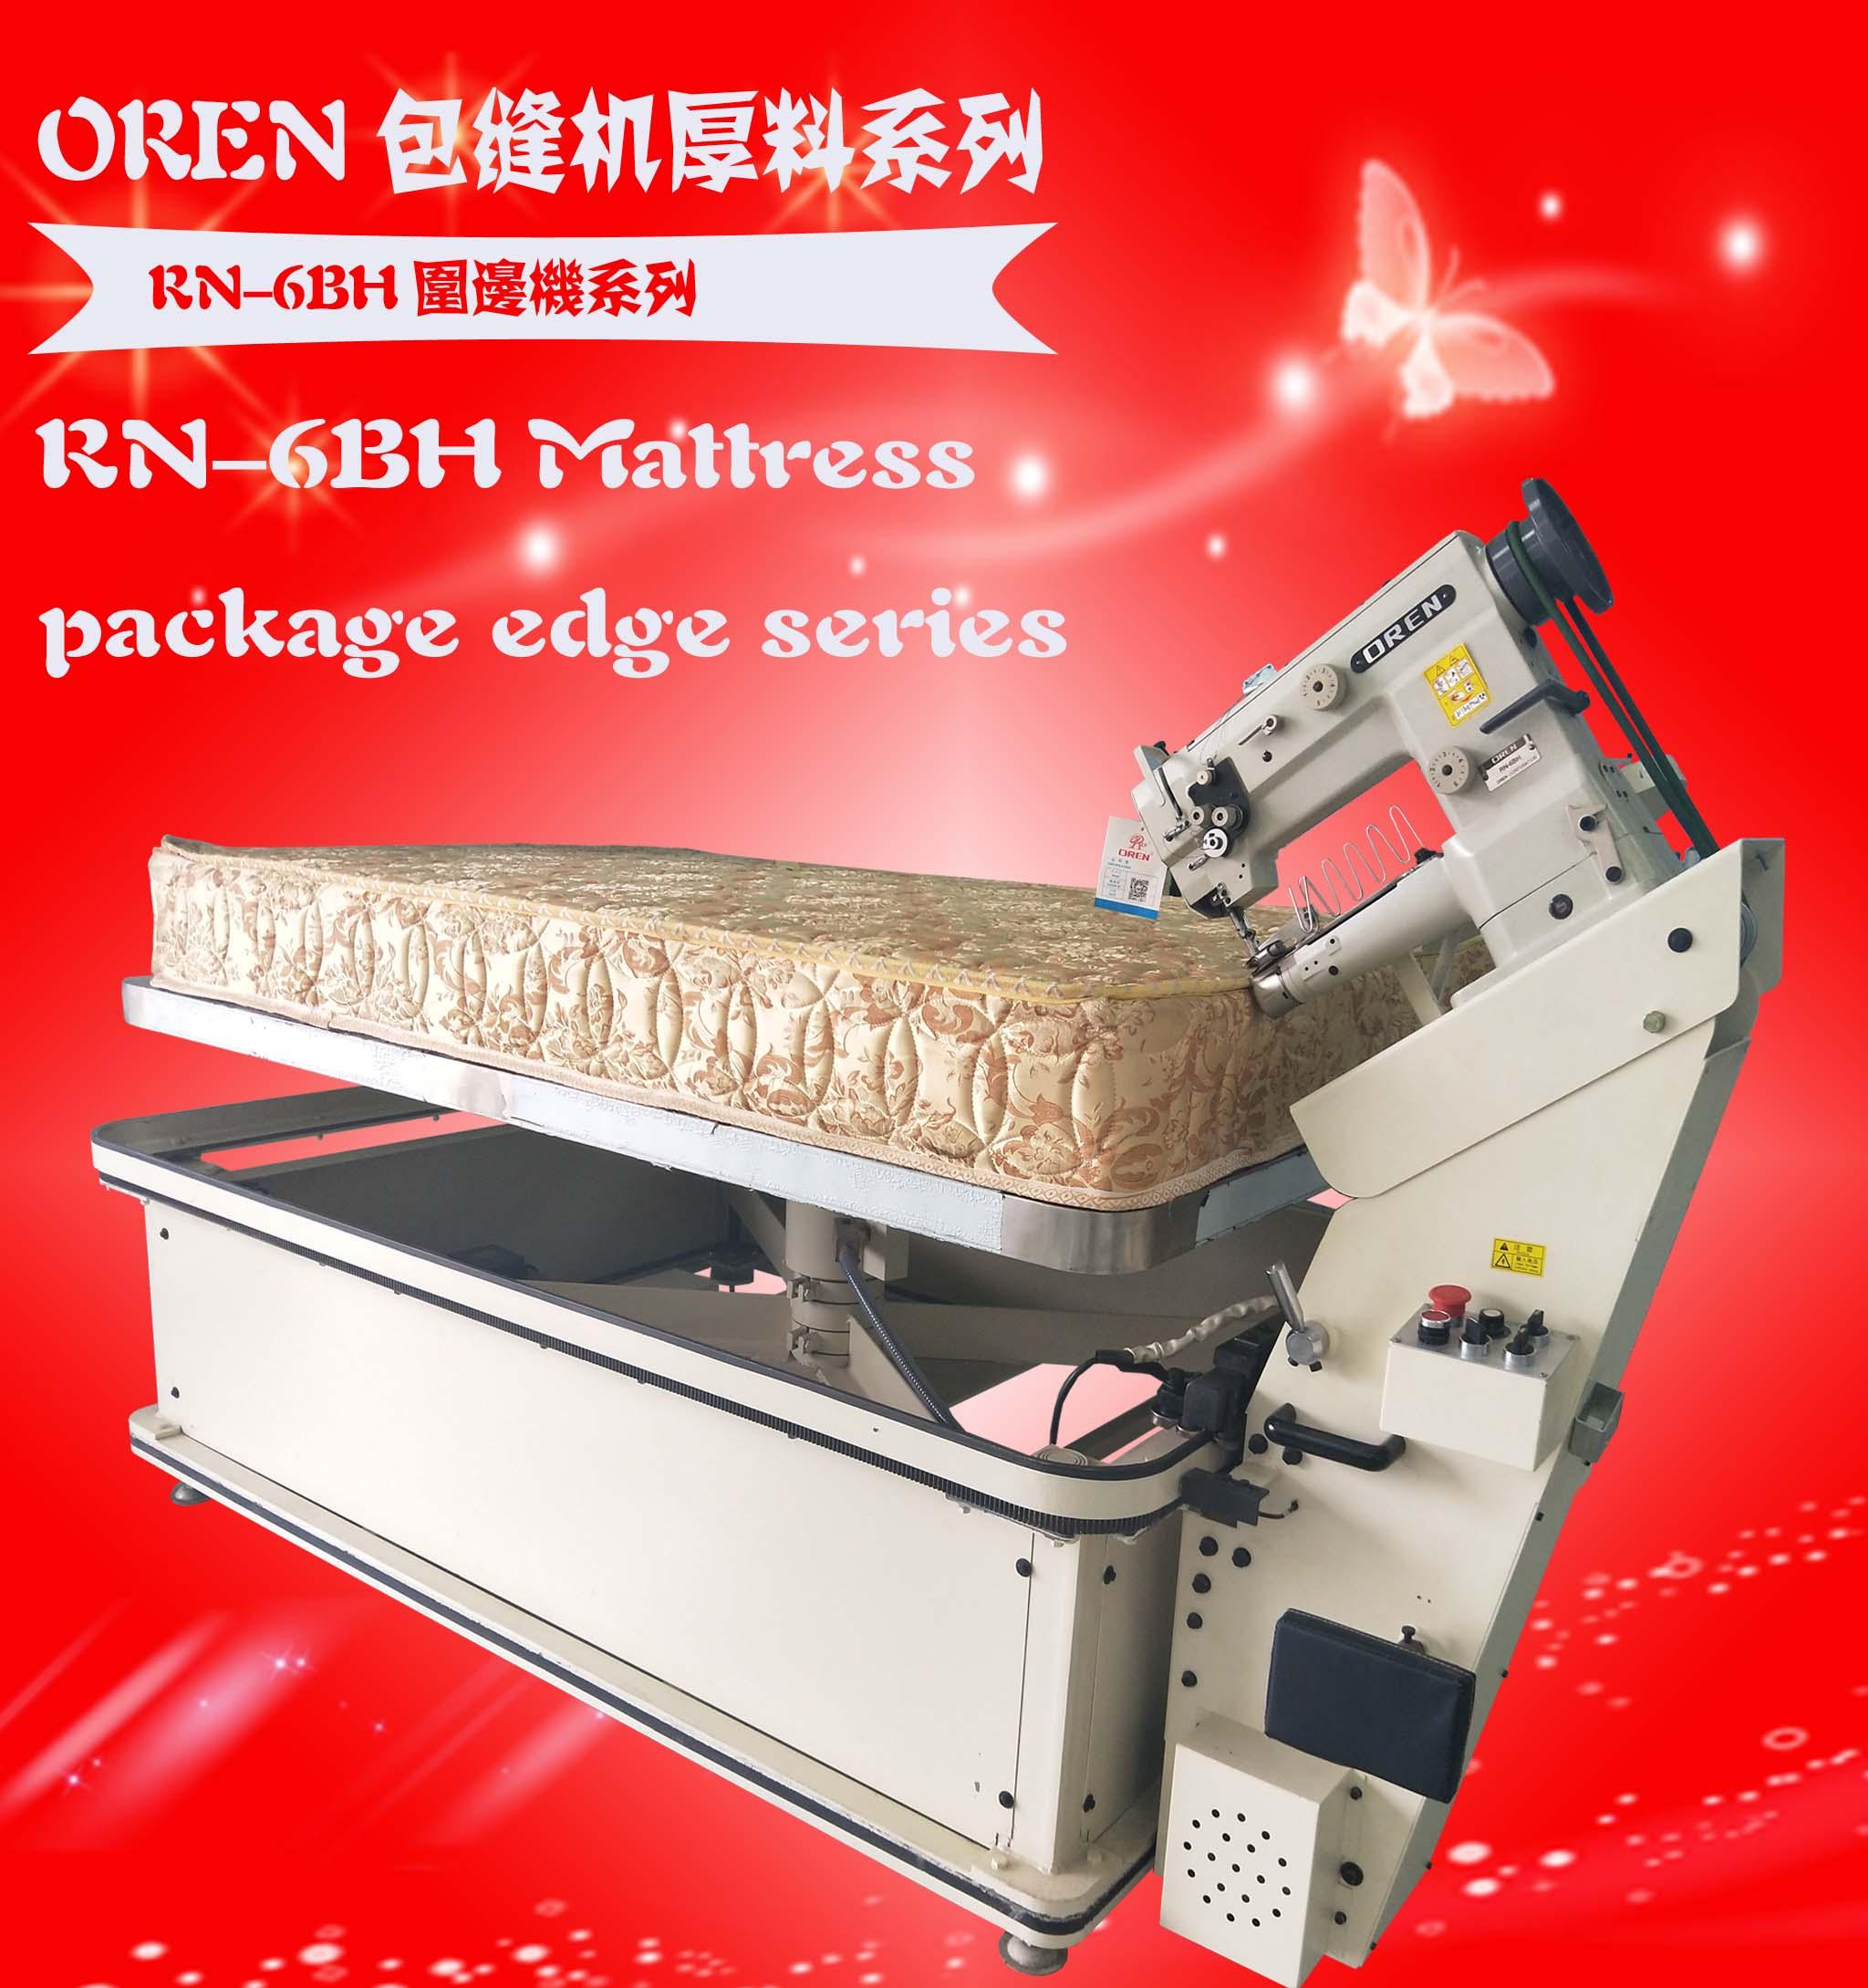 奥玲新款自动升降床垫包边机RN-6BH